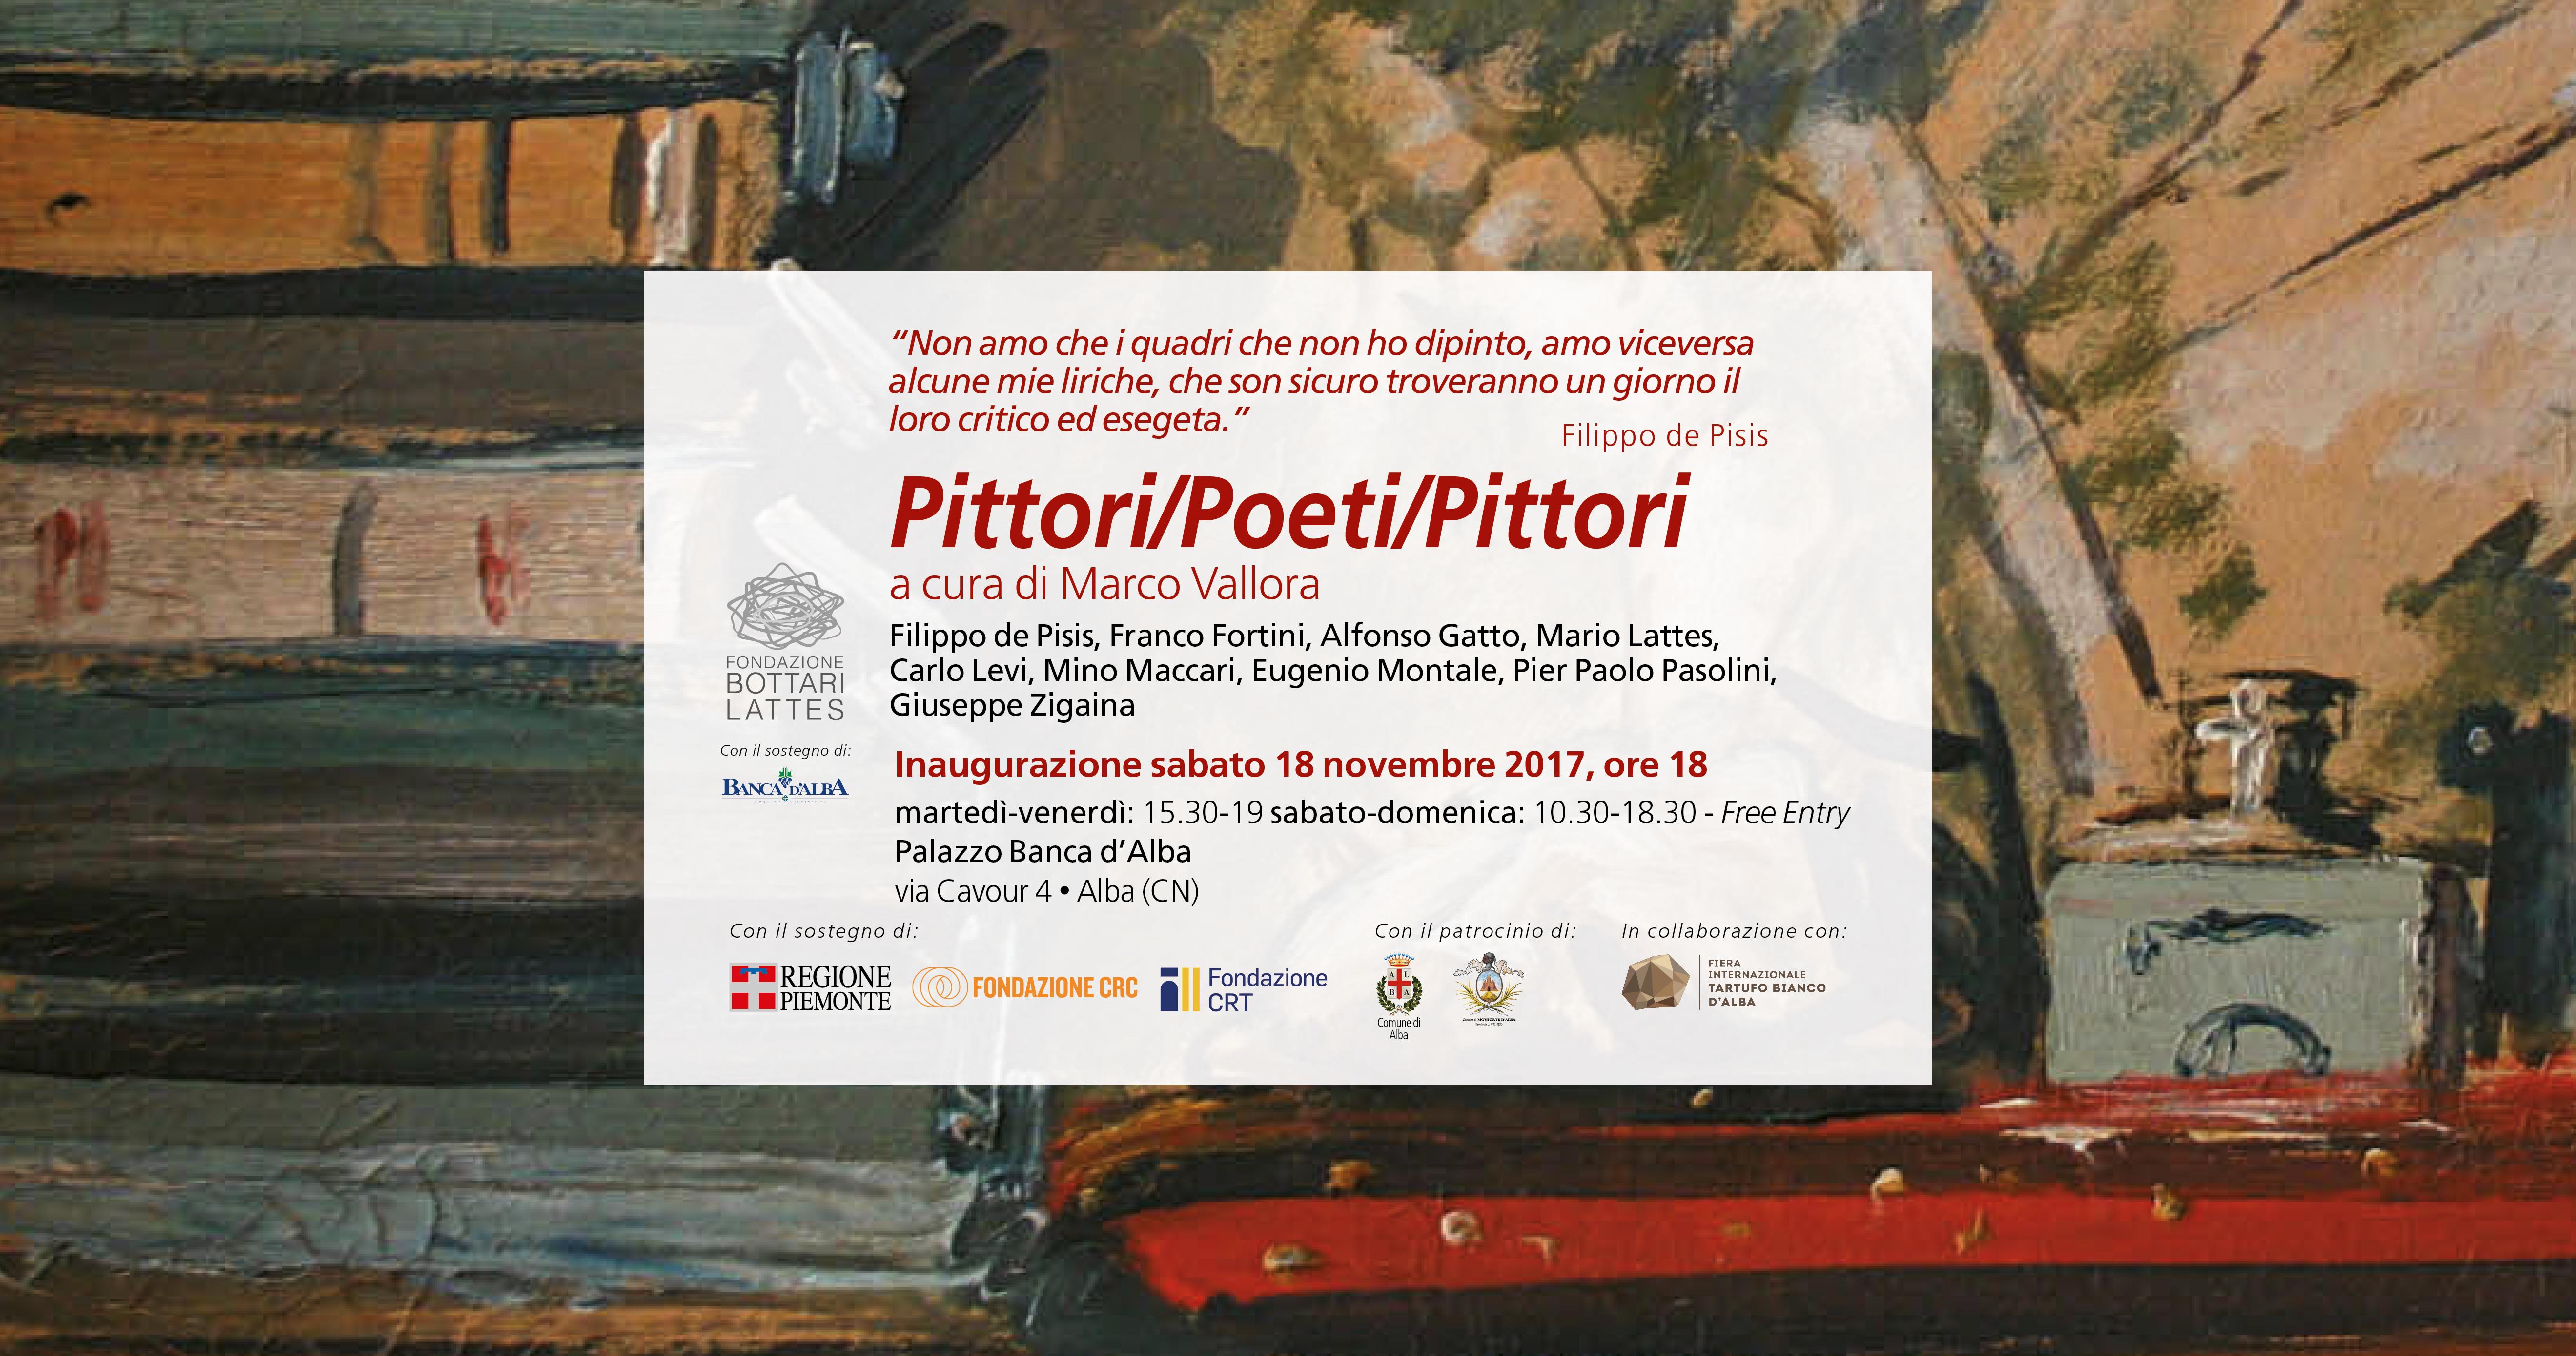 """""""Pittori/Poeti/Pittori"""", mostra tra arte e poesia a cura di Marco Vallora"""